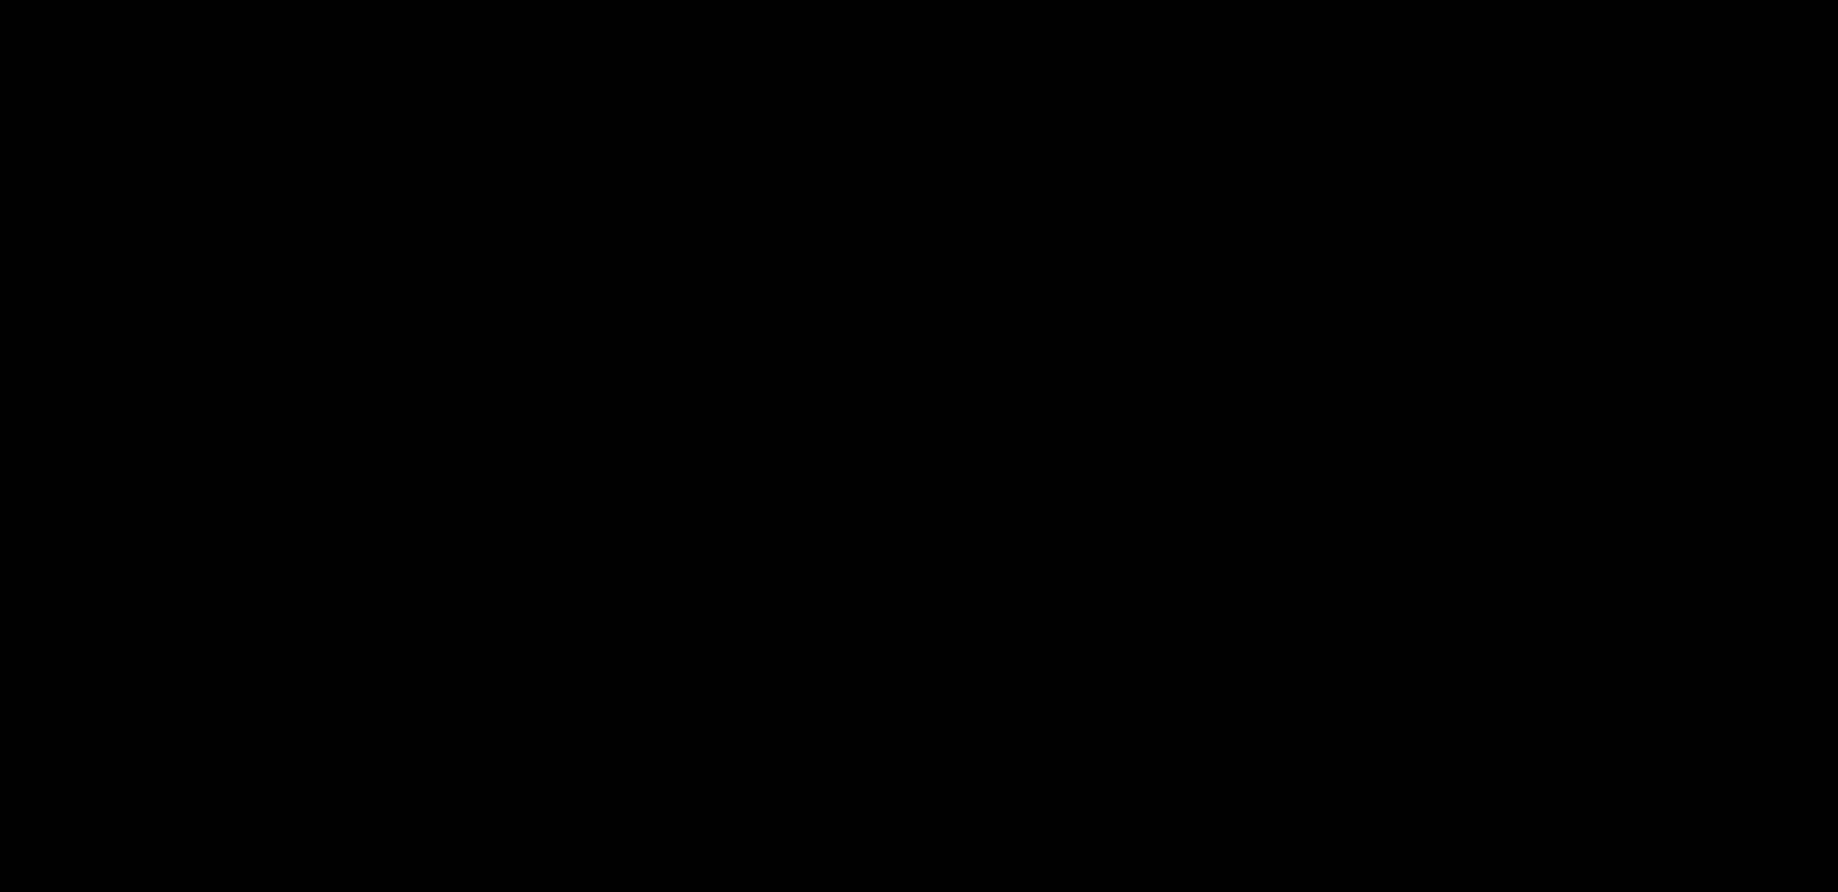 P7C3A20-d<sub>3</sub>